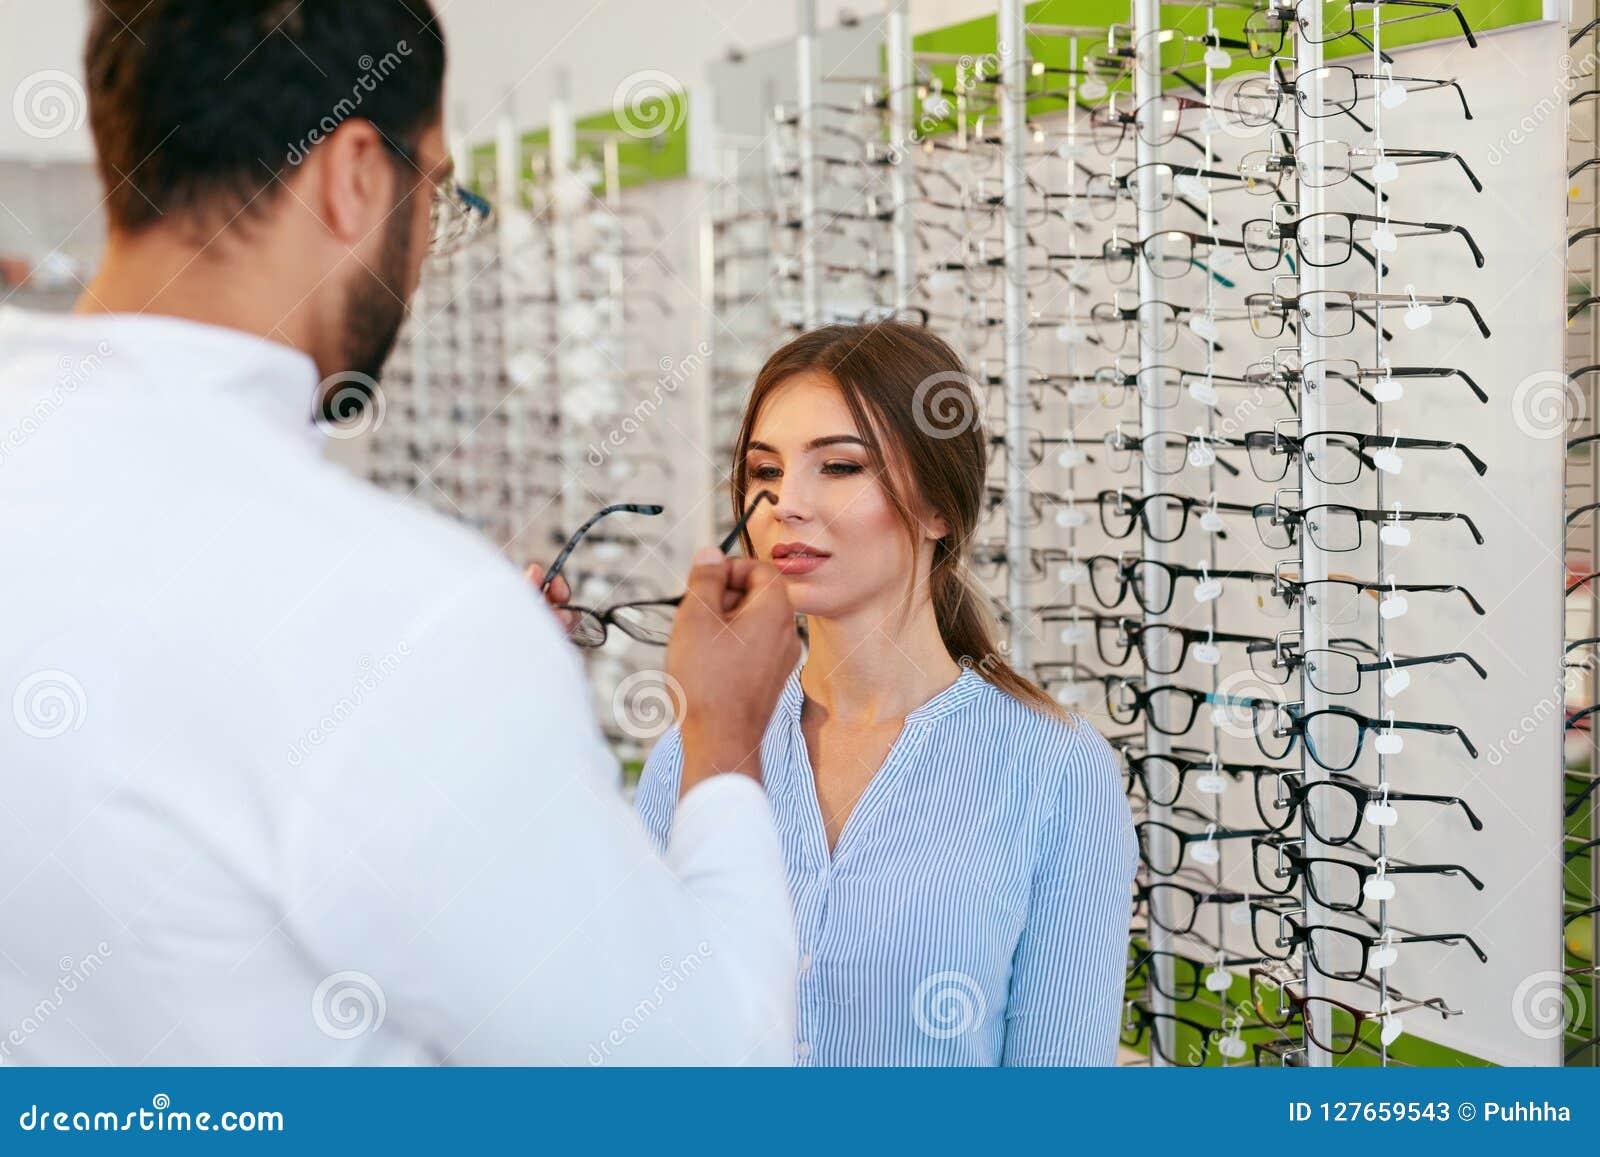 Tienda óptica Lentes de Helping Woman Choosing del oculista